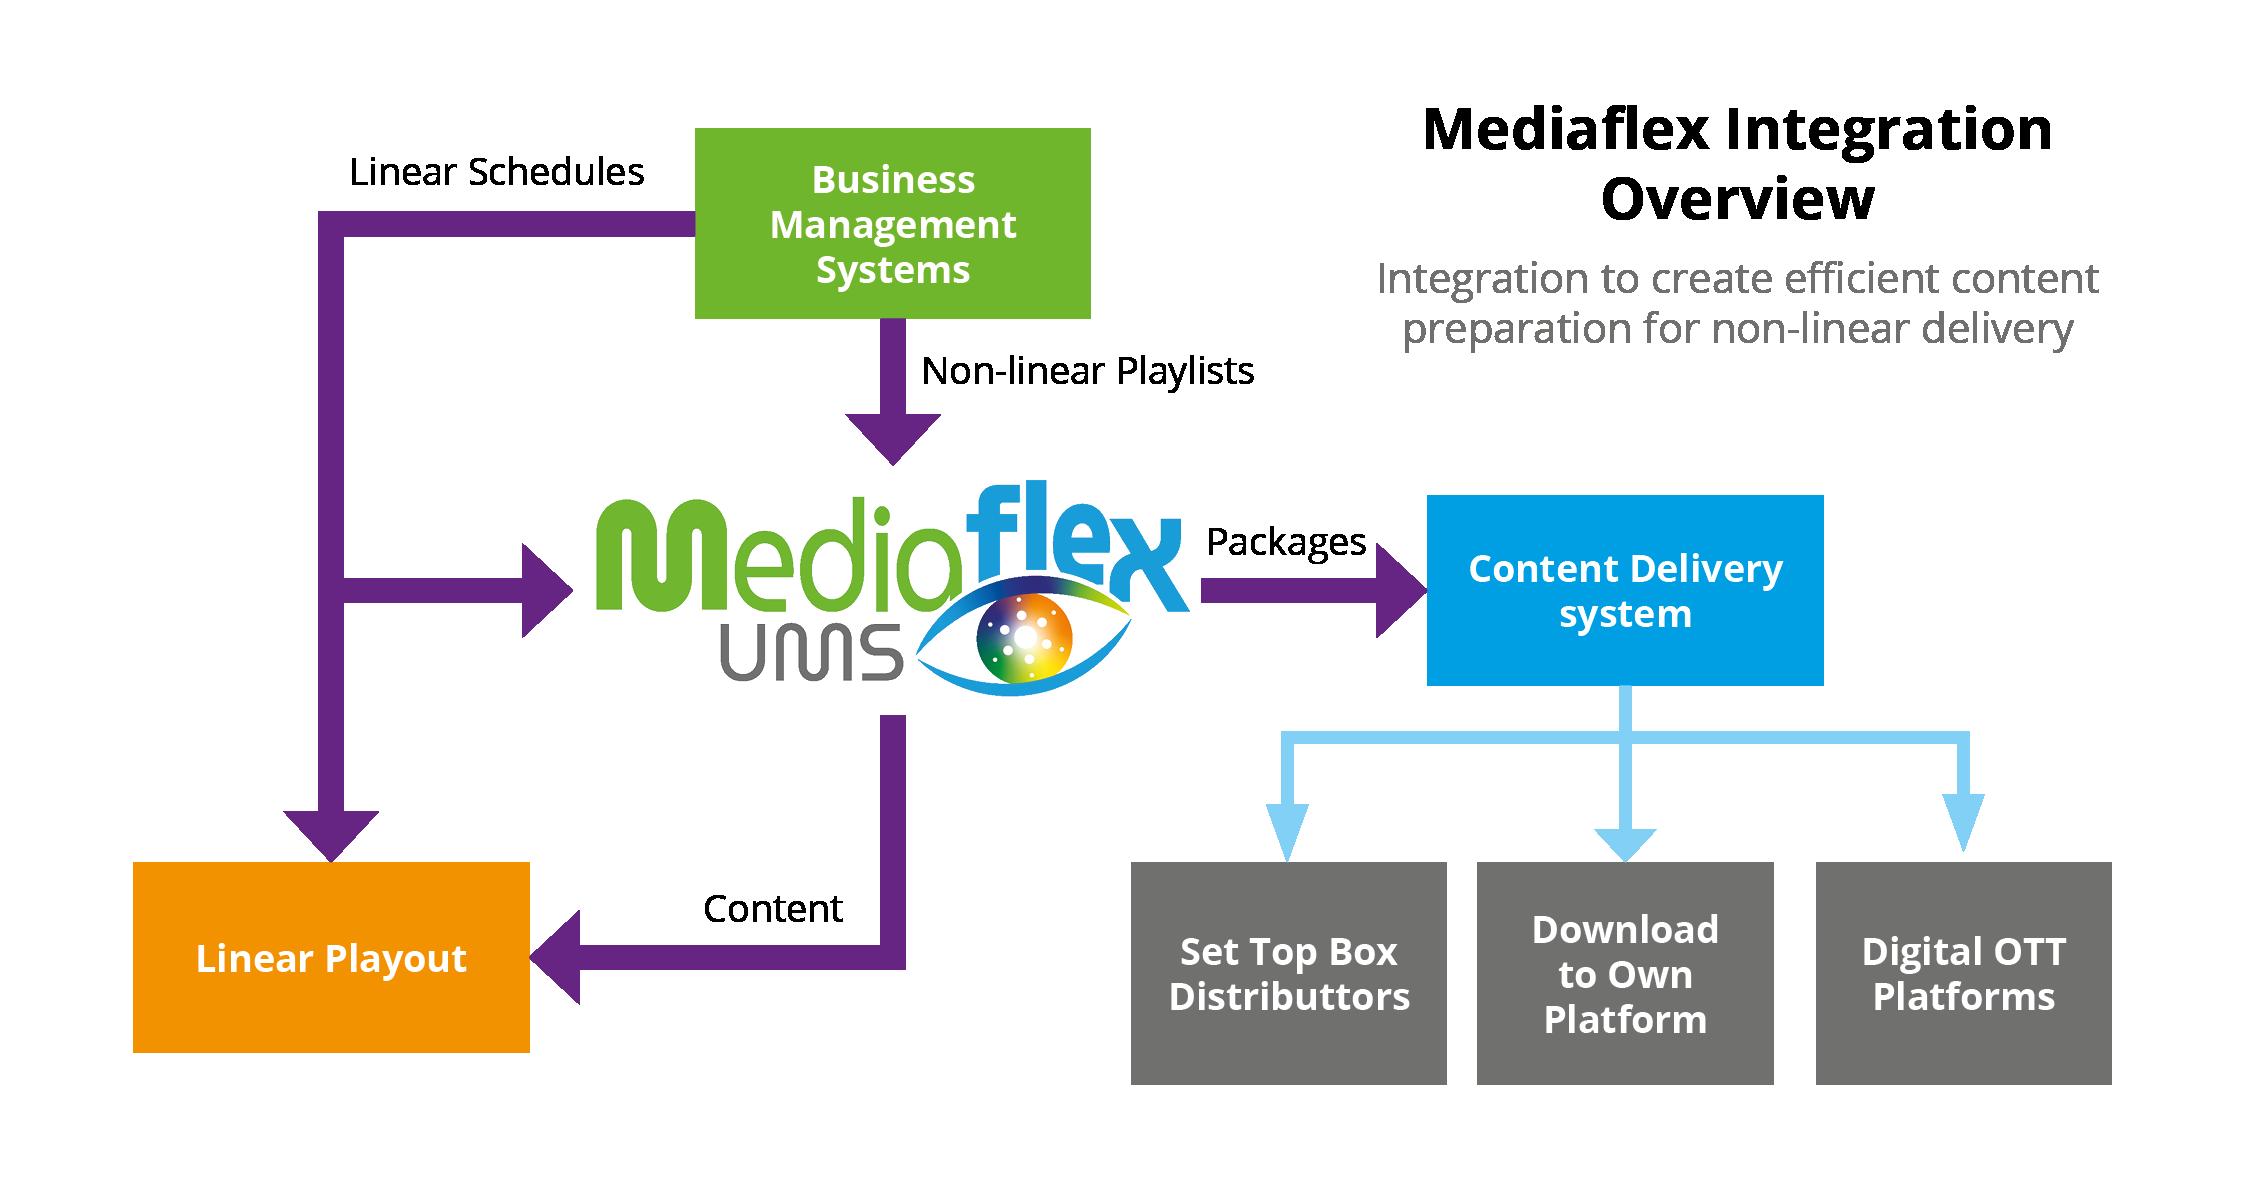 Mediaflex Integration Overview